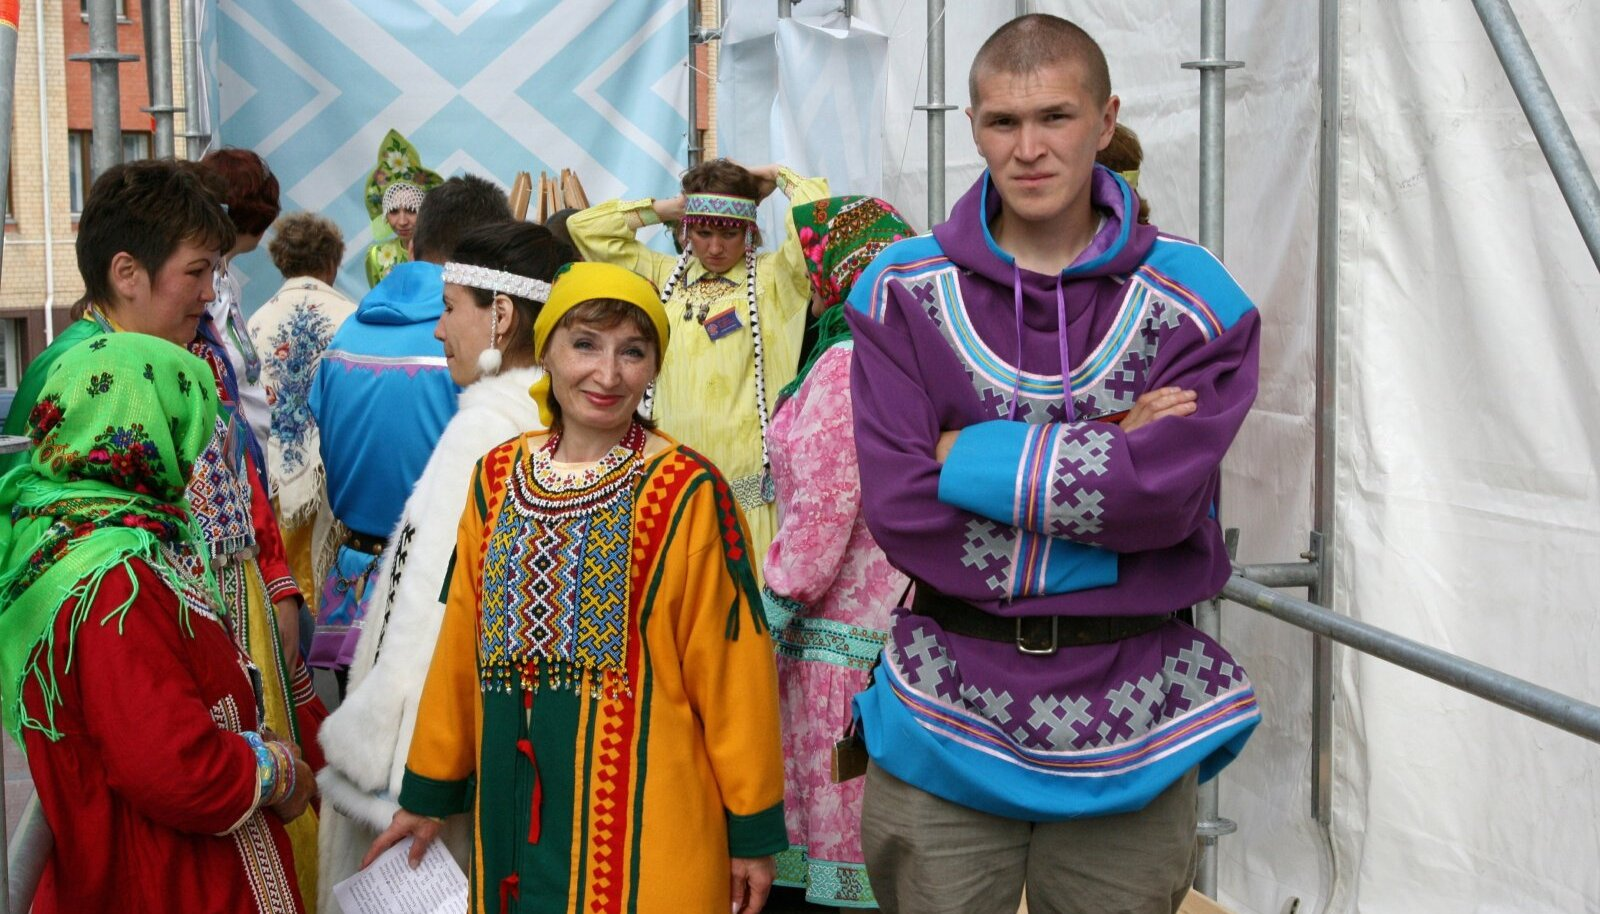 Soome-ugri maailmakongressil osalejad Hantõ-Mansiisikis 2008. aastal